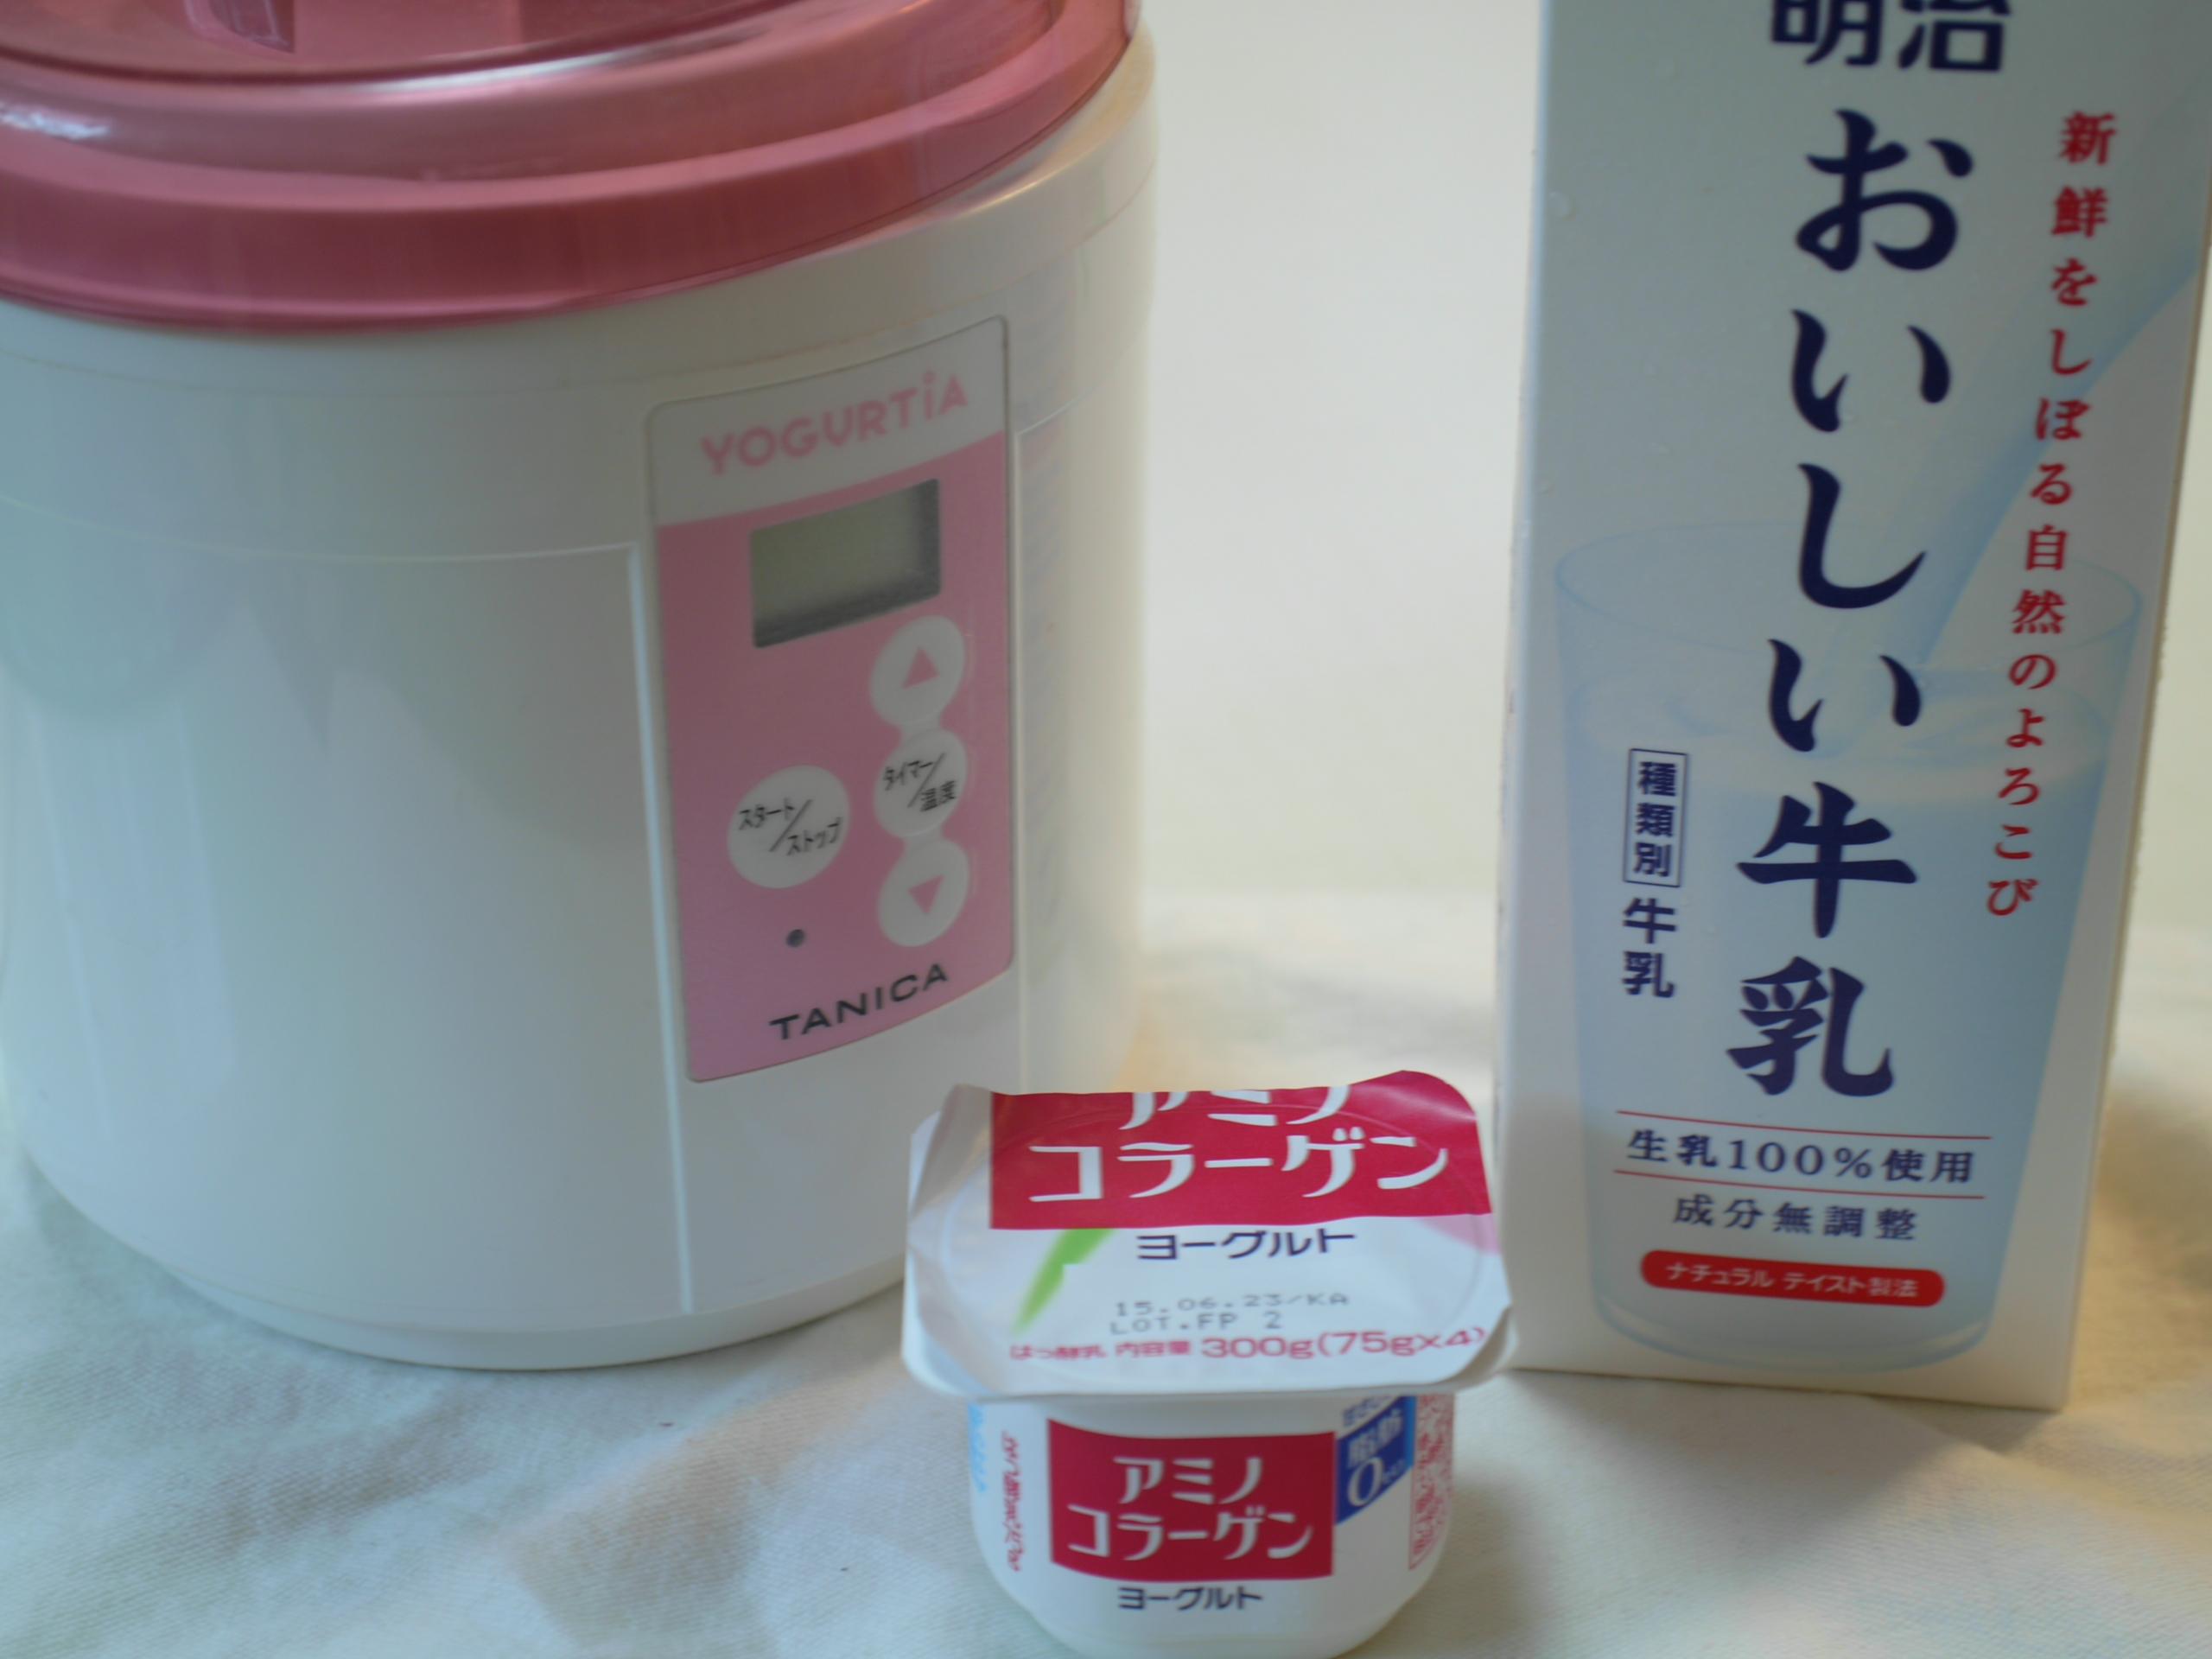 ヨーグルティア、おいしい牛乳、アミノコラーゲンヨーグルト